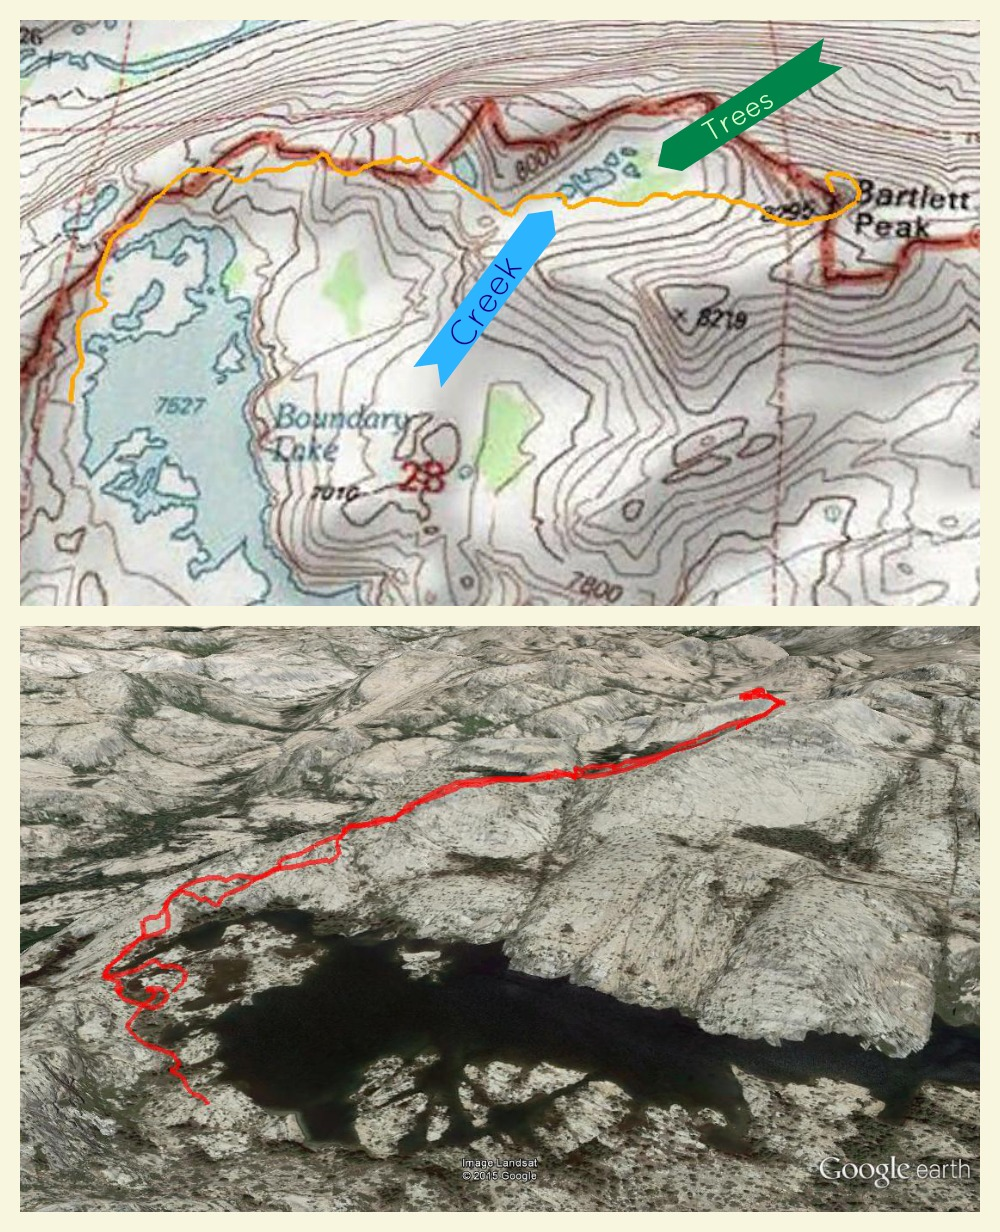 Topographic Map of Bartlett Peak hike, Yosemite